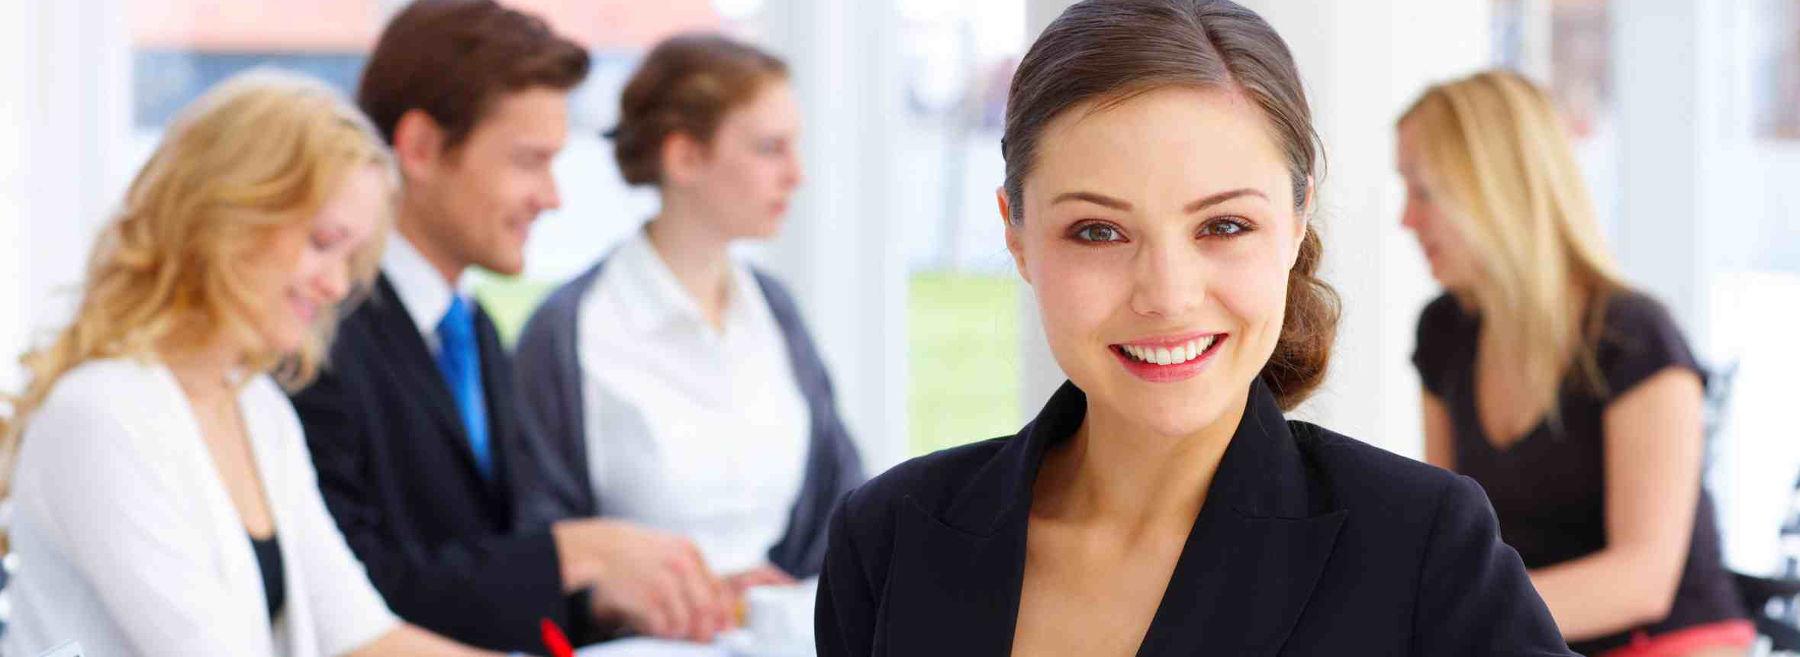 Delphina Lavora con noi. Nuove assunzioni nel Nord Sardegna per Delphina Hotels & Resorts  Sardegna